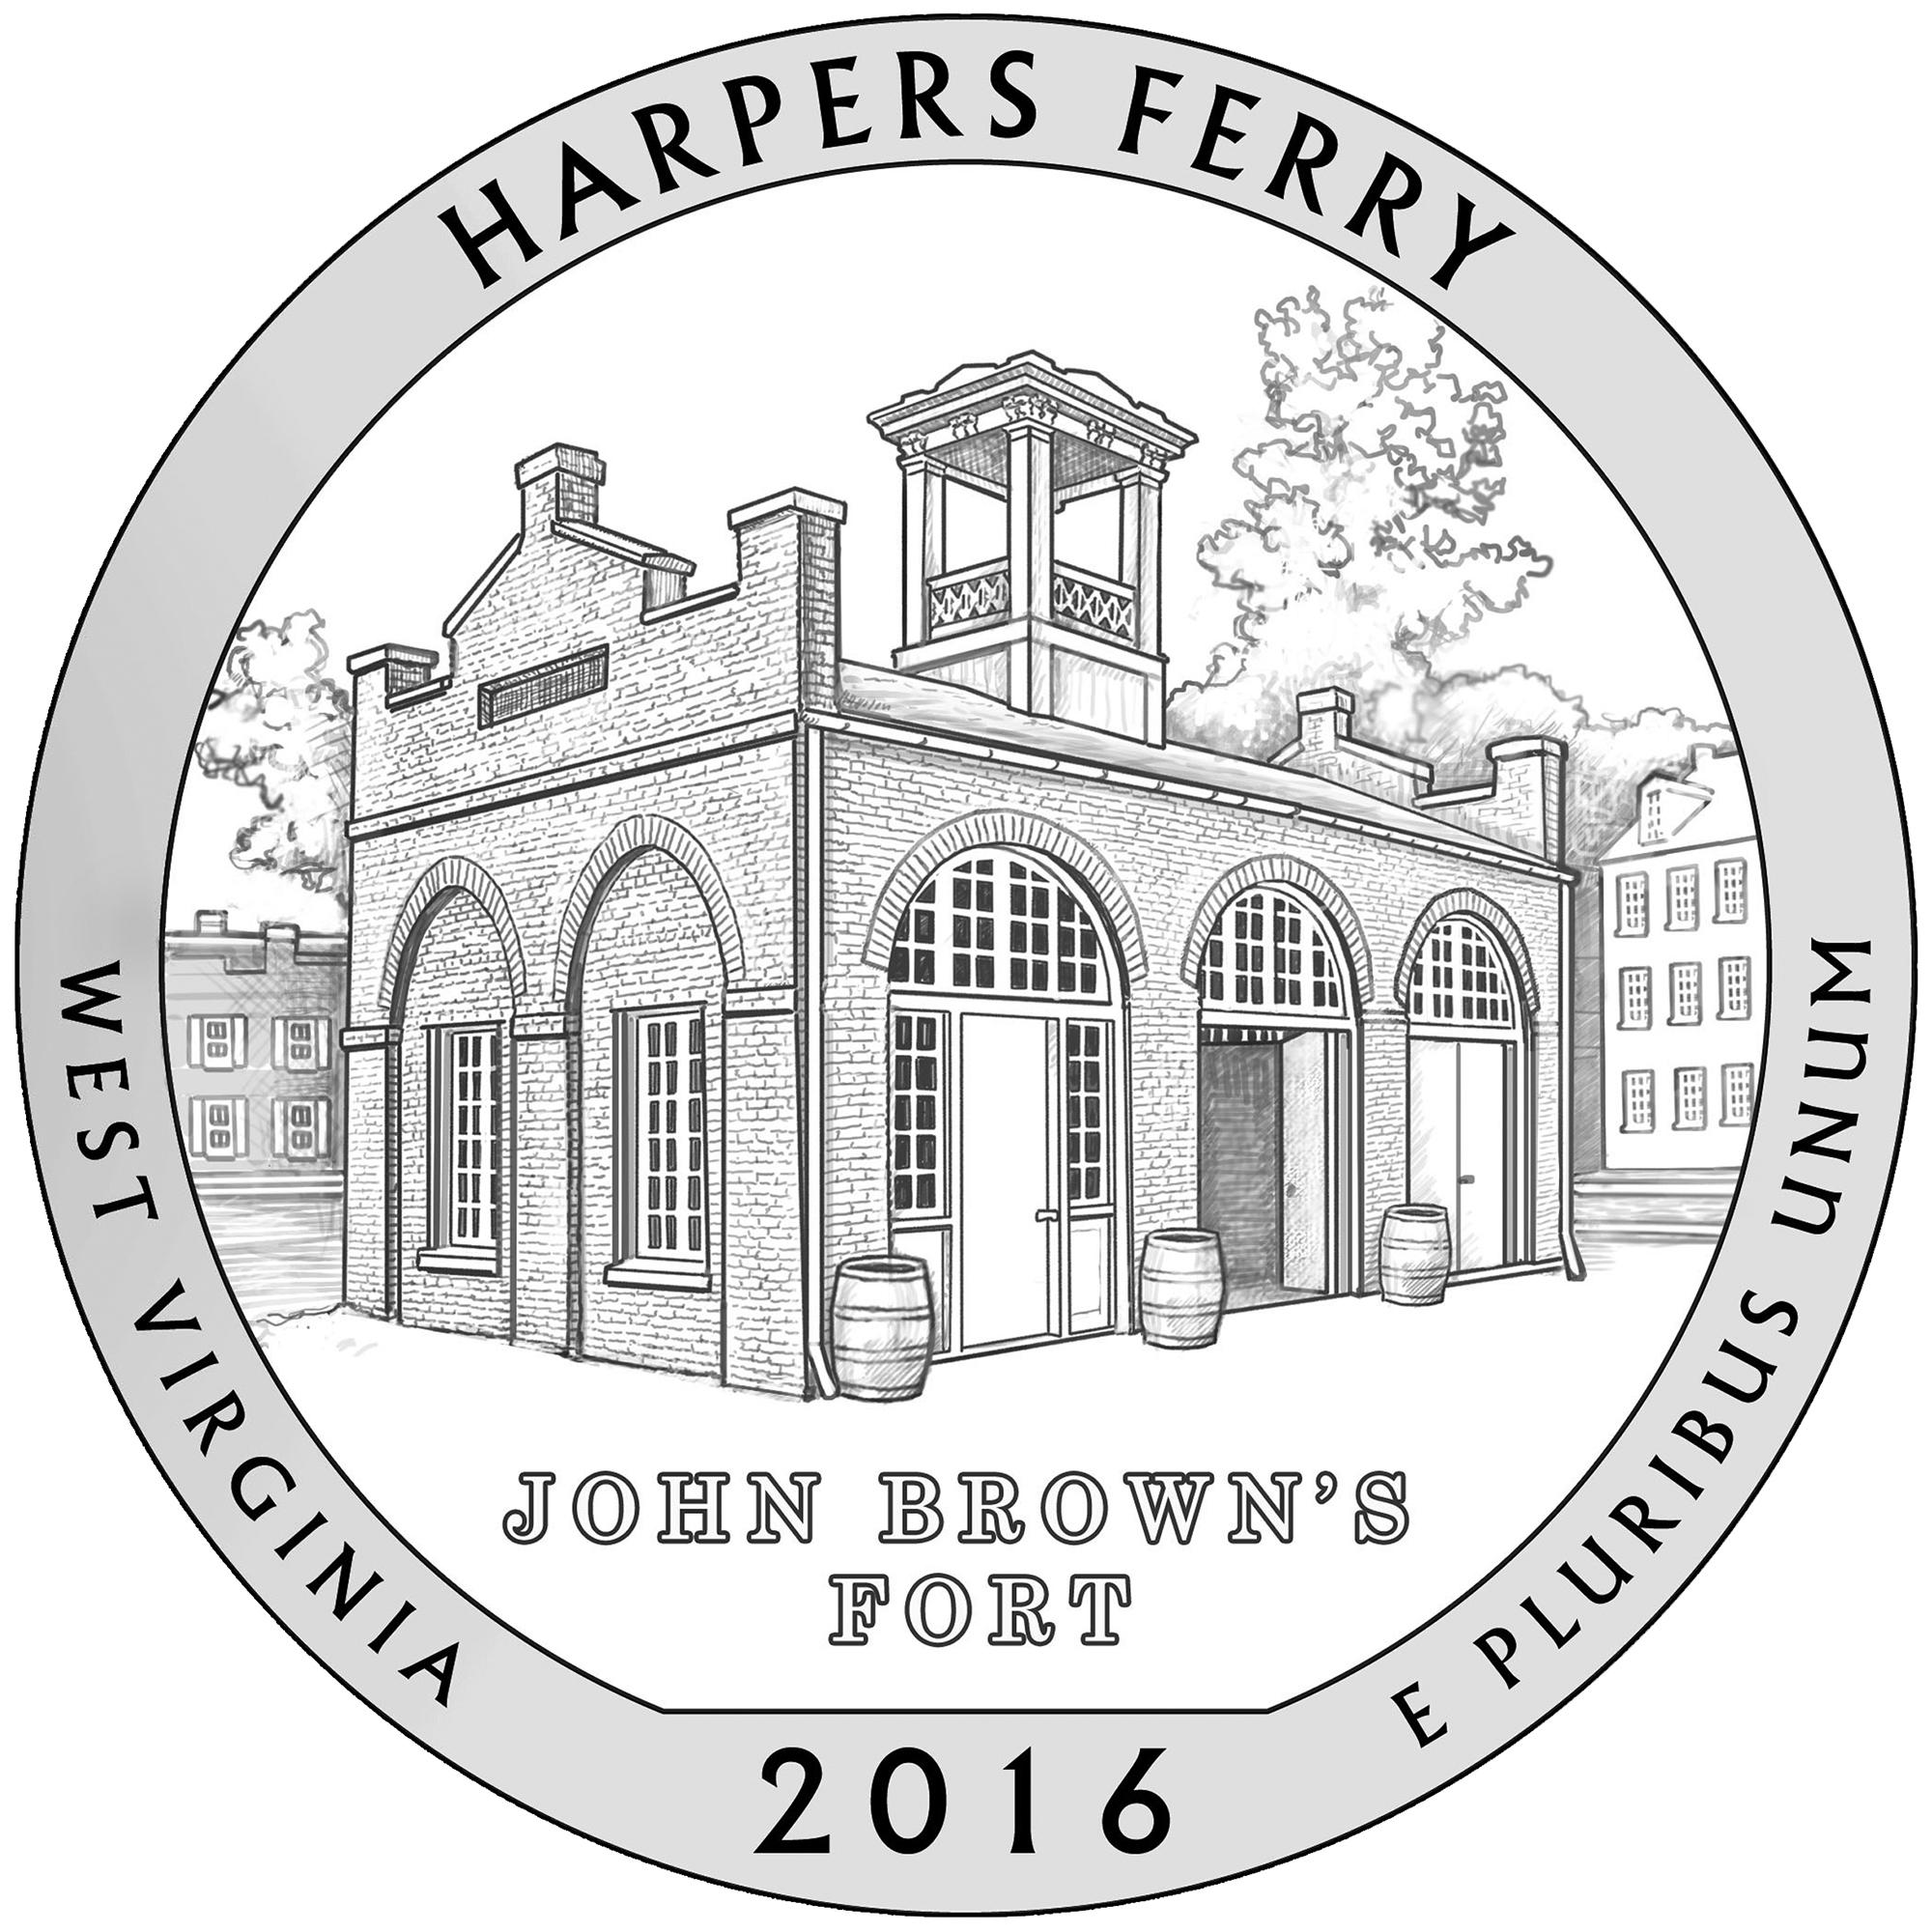 Silbermünze Harpers Ferry kaufen geht ab 6.Juni 2016